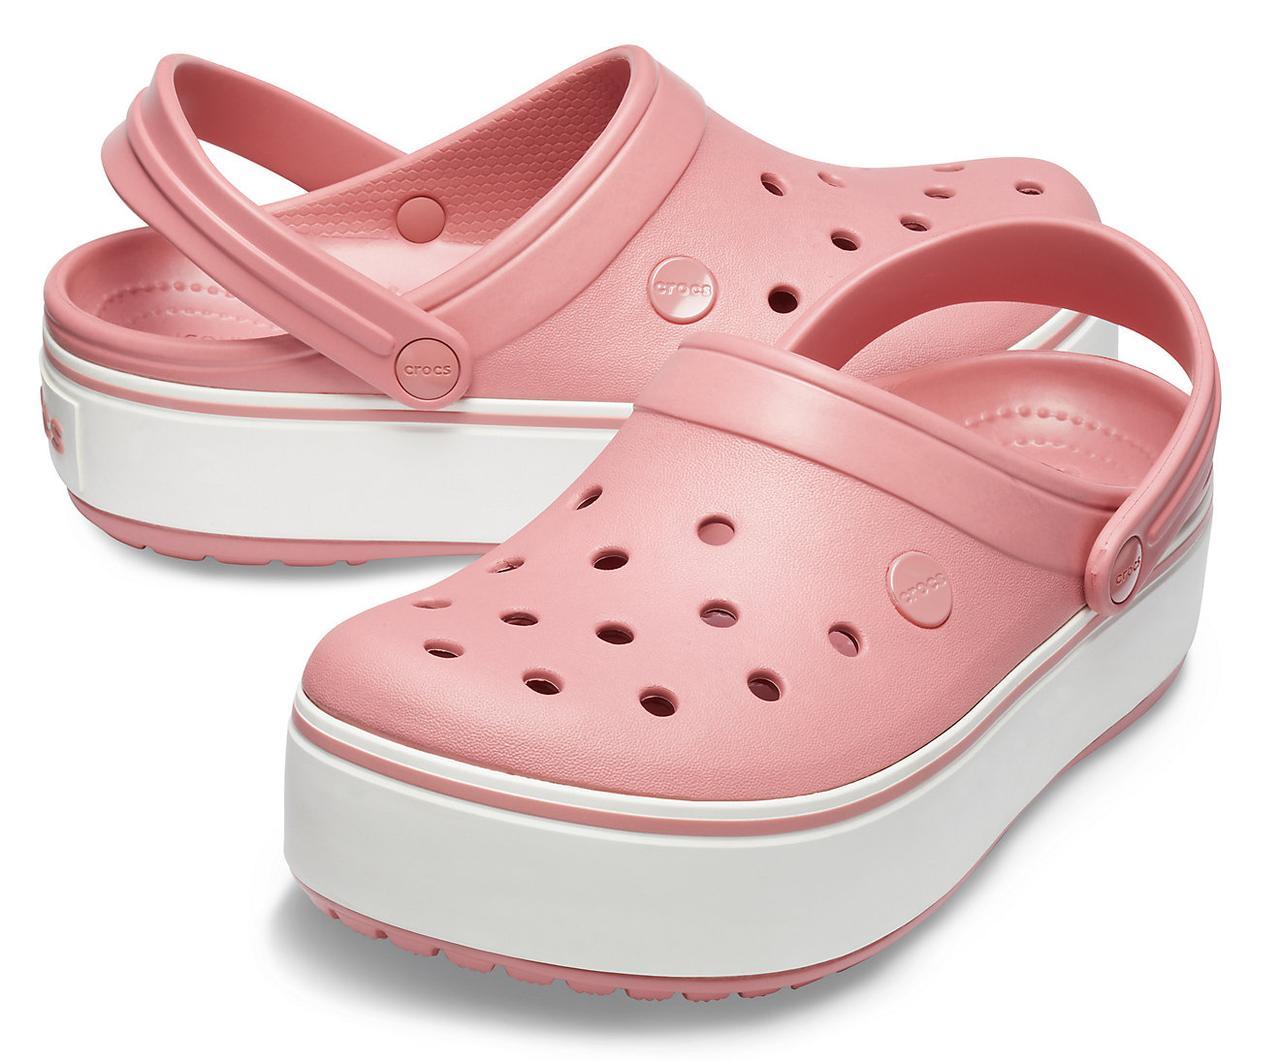 Кроксы летние Crocs Platform розовые 38 разм.